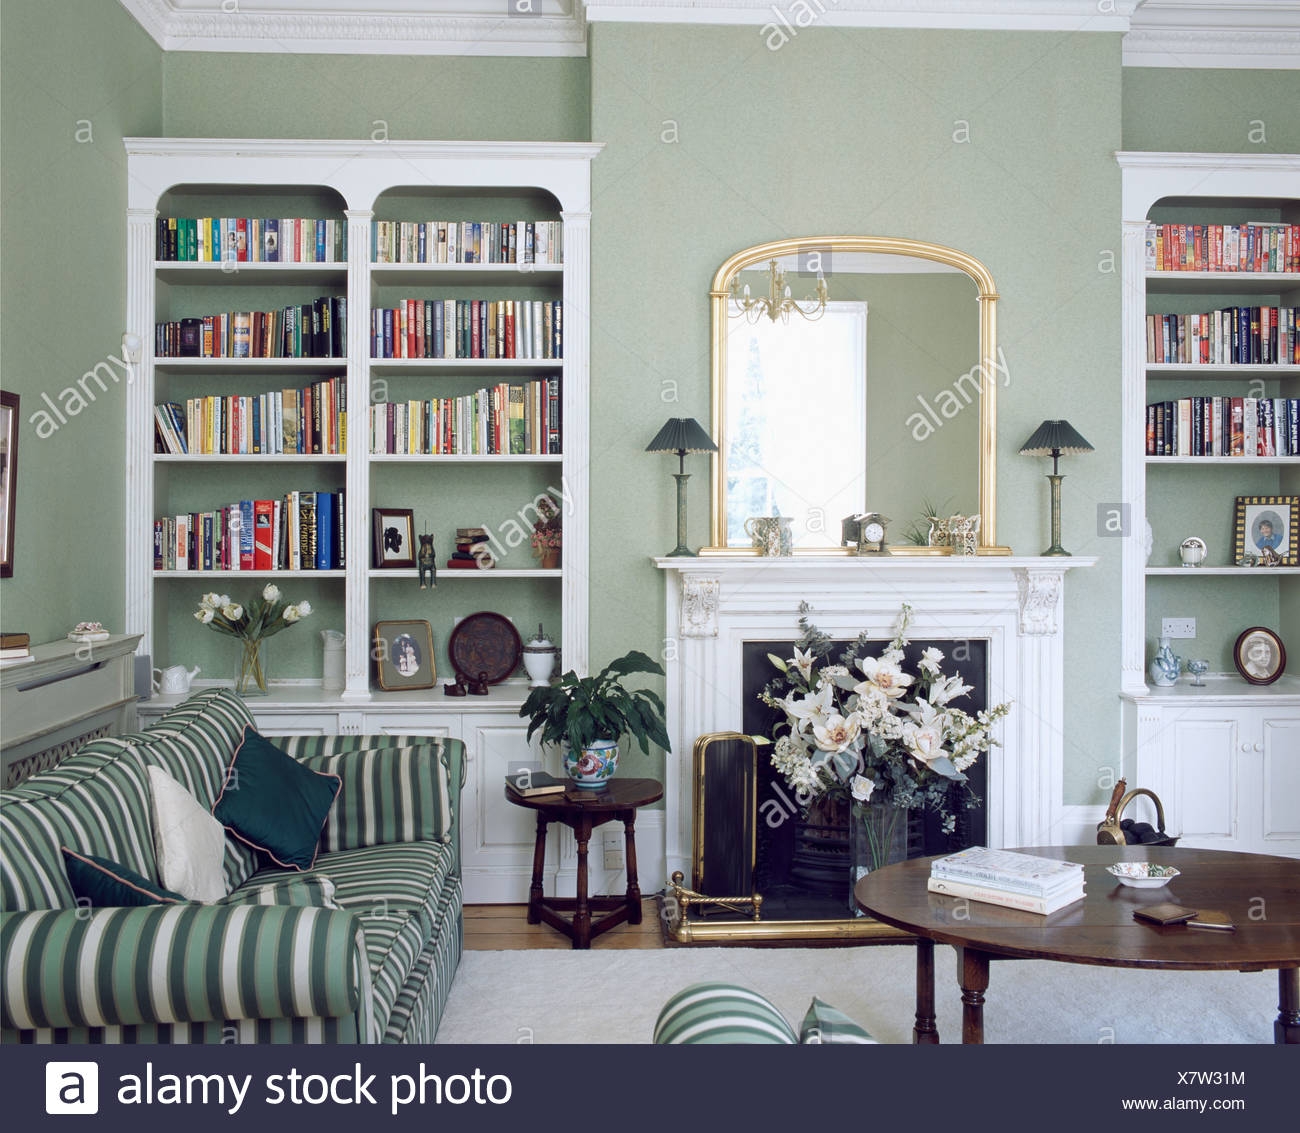 Weiße Regale auf beiden Seiten der Kamin im Wohnzimmer grau-grün mit ...